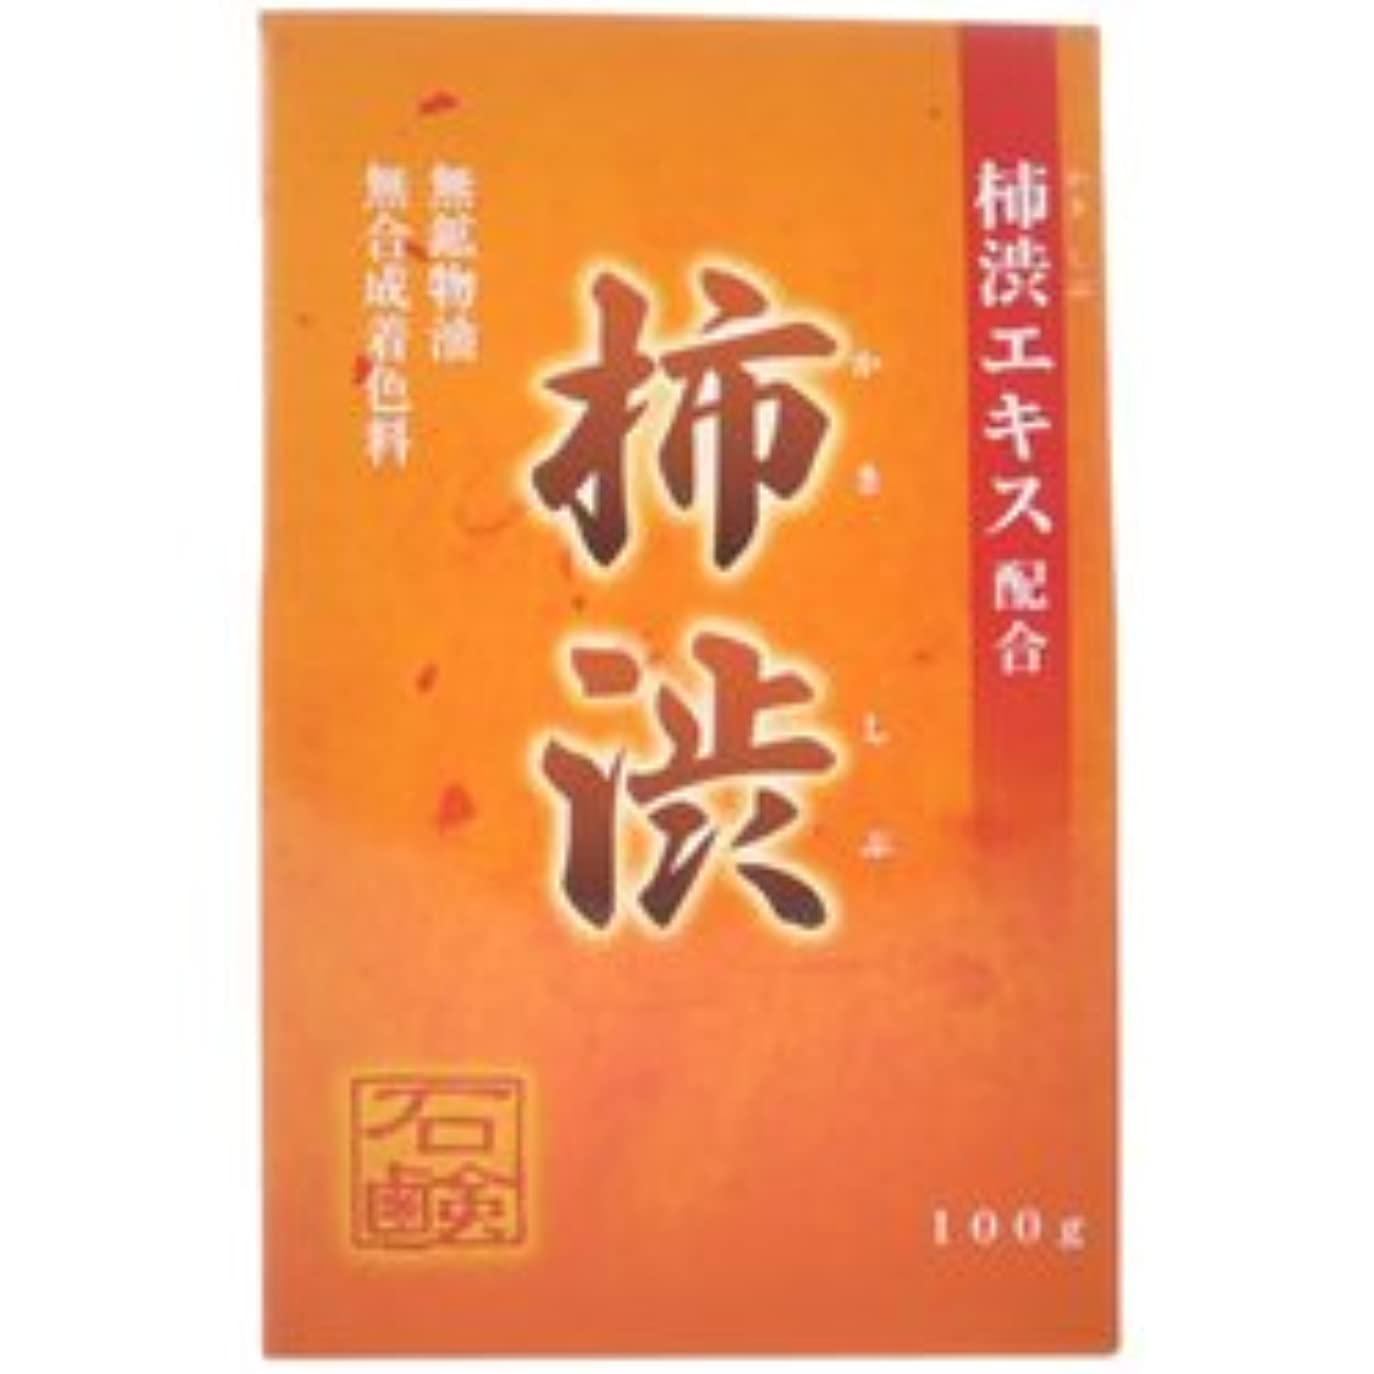 早熟返済パイル【アール・エイチ・ビープロダクト】新 柿渋石鹸 100g ×10個セット